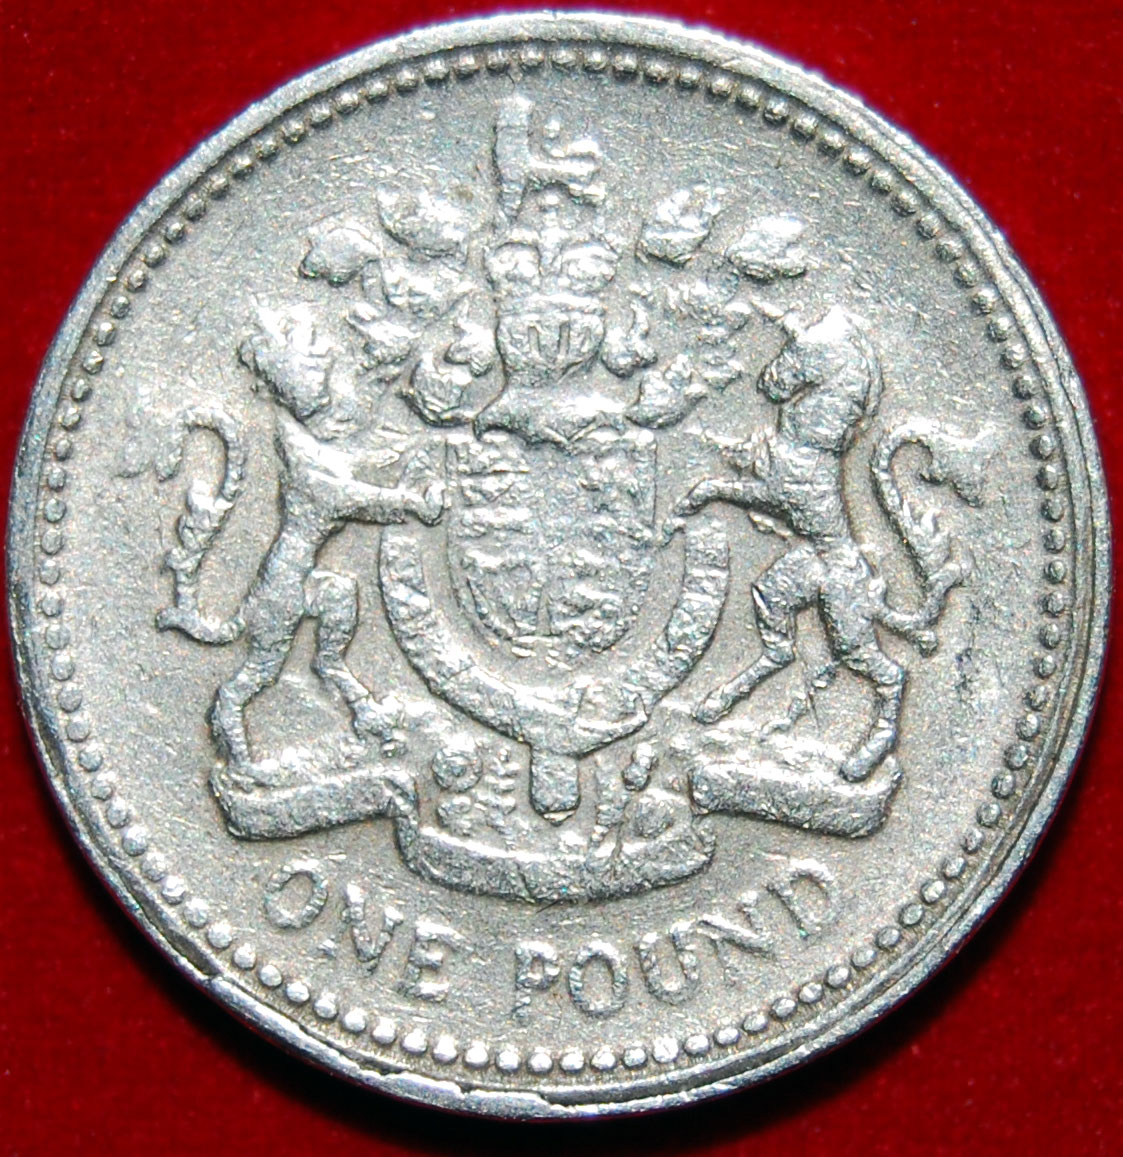 fake pound coin photo